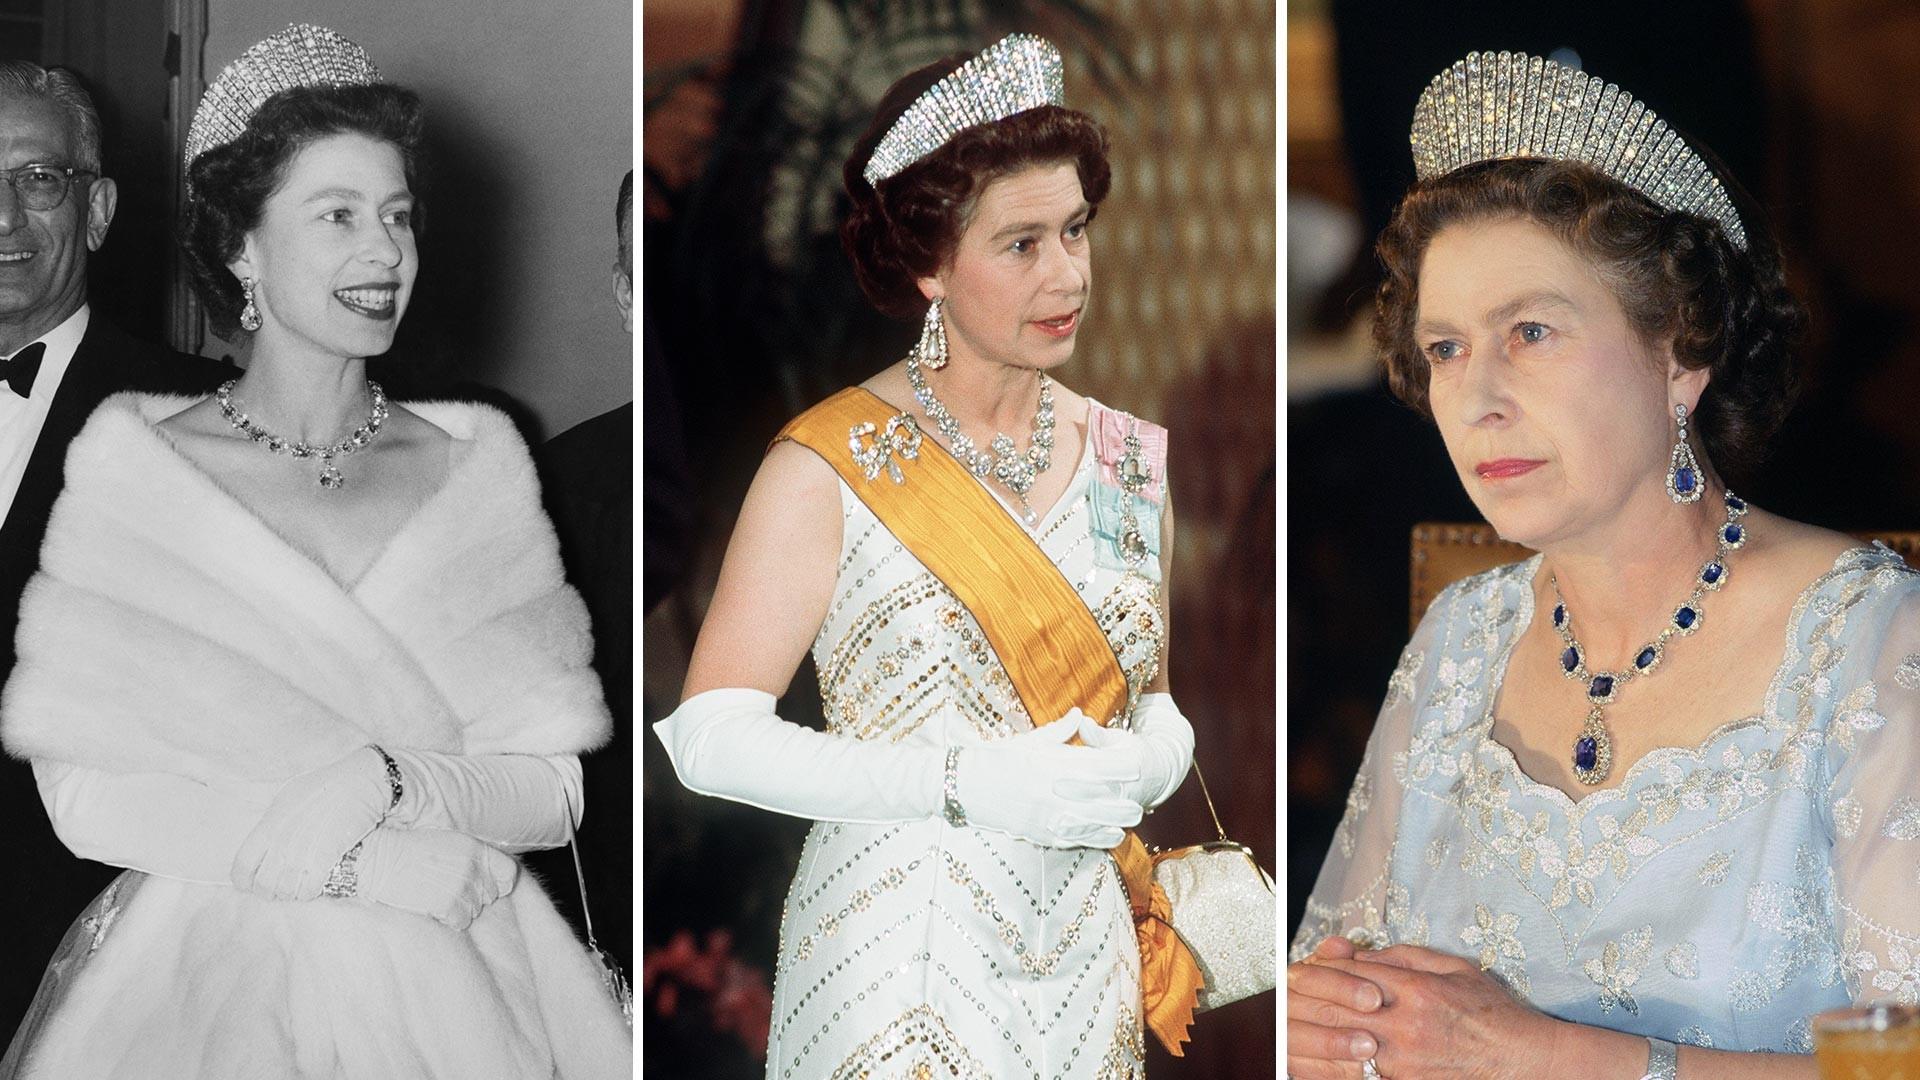 La regina Elisabetta II a un ricevimento del governatore del Peshawar, Pakistan, 4 febbraio 1961; la regina Elisabetta II nel 1975; la regina Elisabetta II a un ricevimento in India,1983